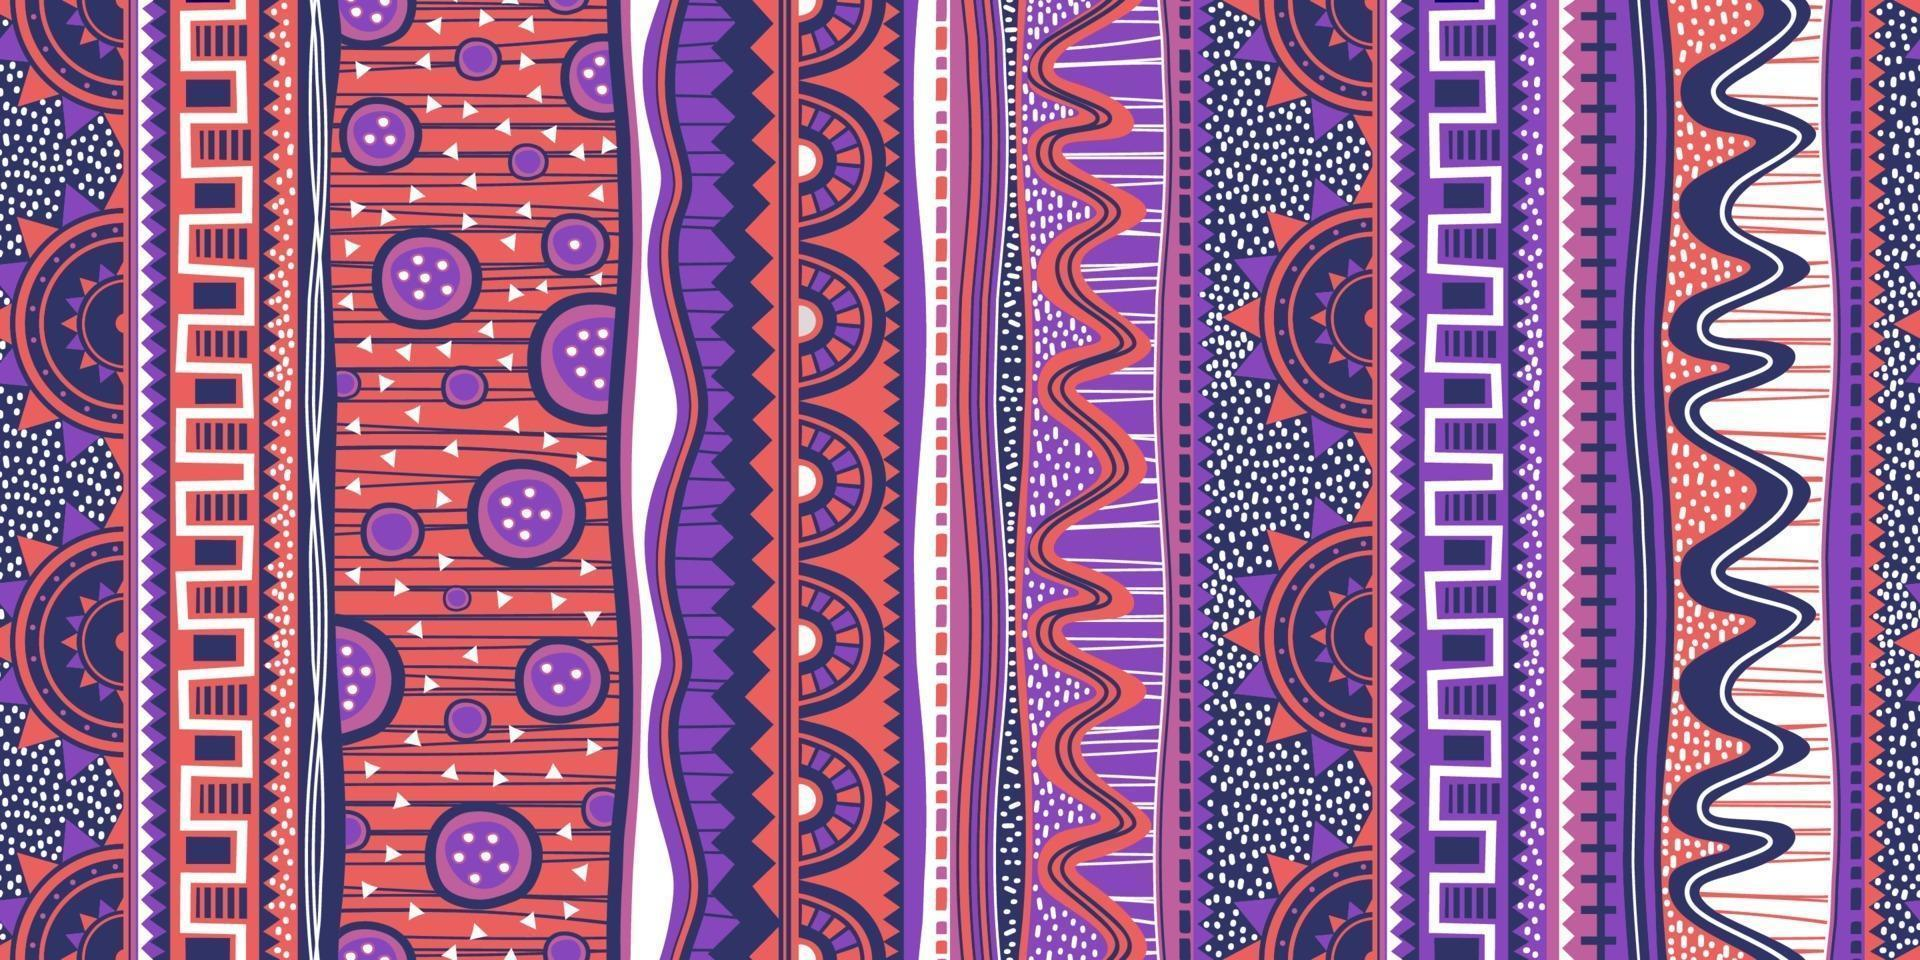 etniska sömlösa mönster. färgglad indisk, indian amerikansk design, navajo. mexikanska motiv, aztec batikmotiv prydnad, vektorillustration redo för tryck. vektor